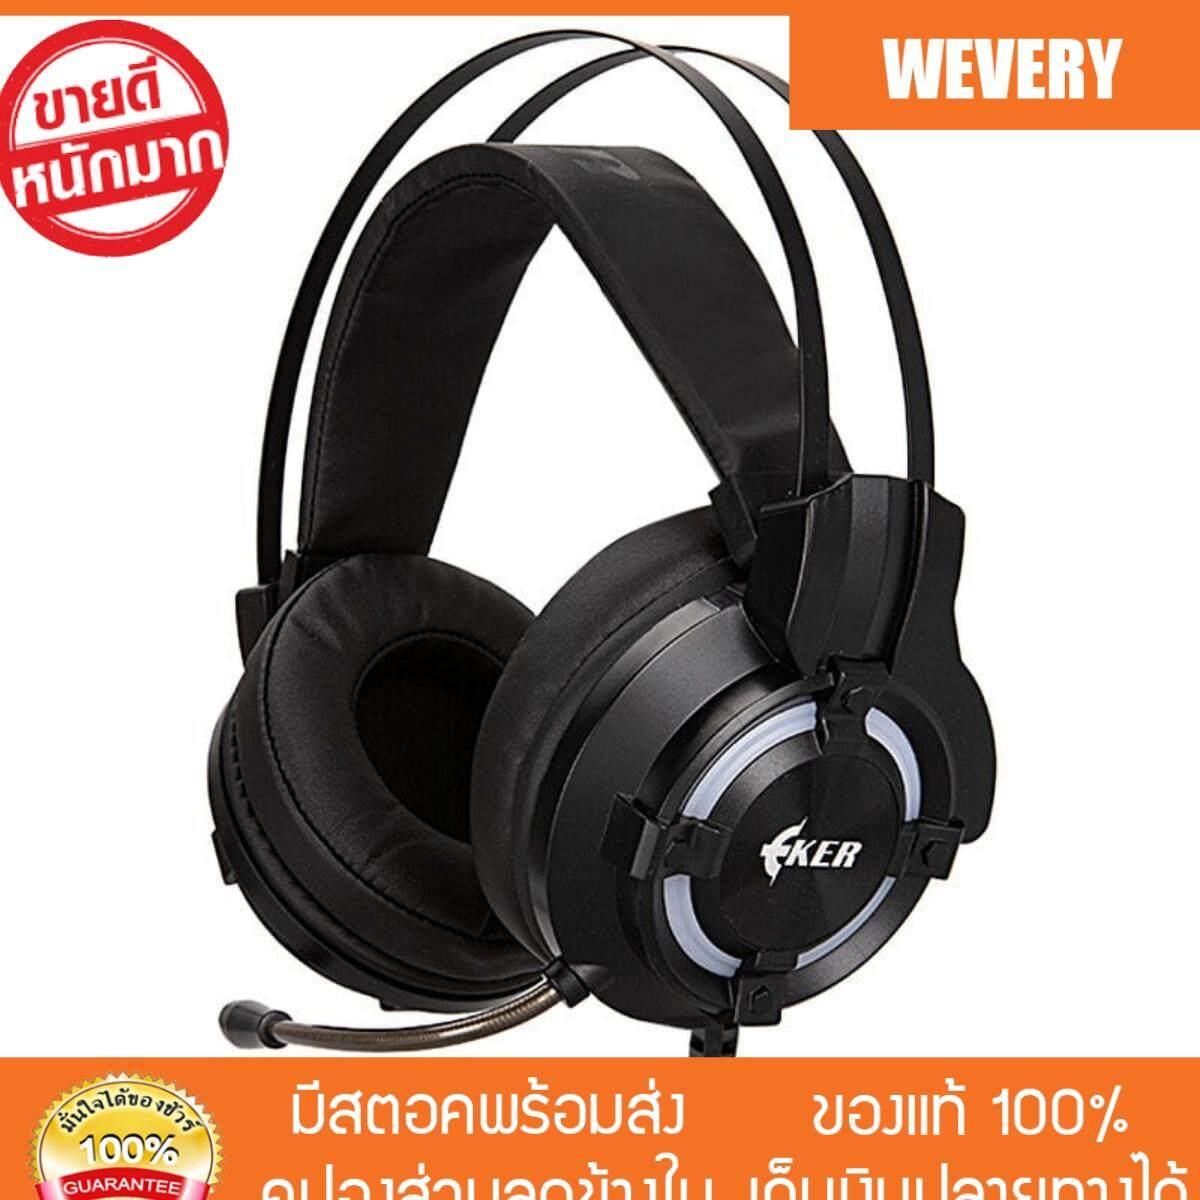 เก็บเงินปลายทางได้ [Wevery] GAMING HEADSET OKER X-98 สีดำ headphone gaming หูฟังเกมมิ่ง oker หูฟังครอบหู หูฟังสำหรับคอม หูฟังแบบครอบ ส่ง Kerry เก็บปลายทางได้